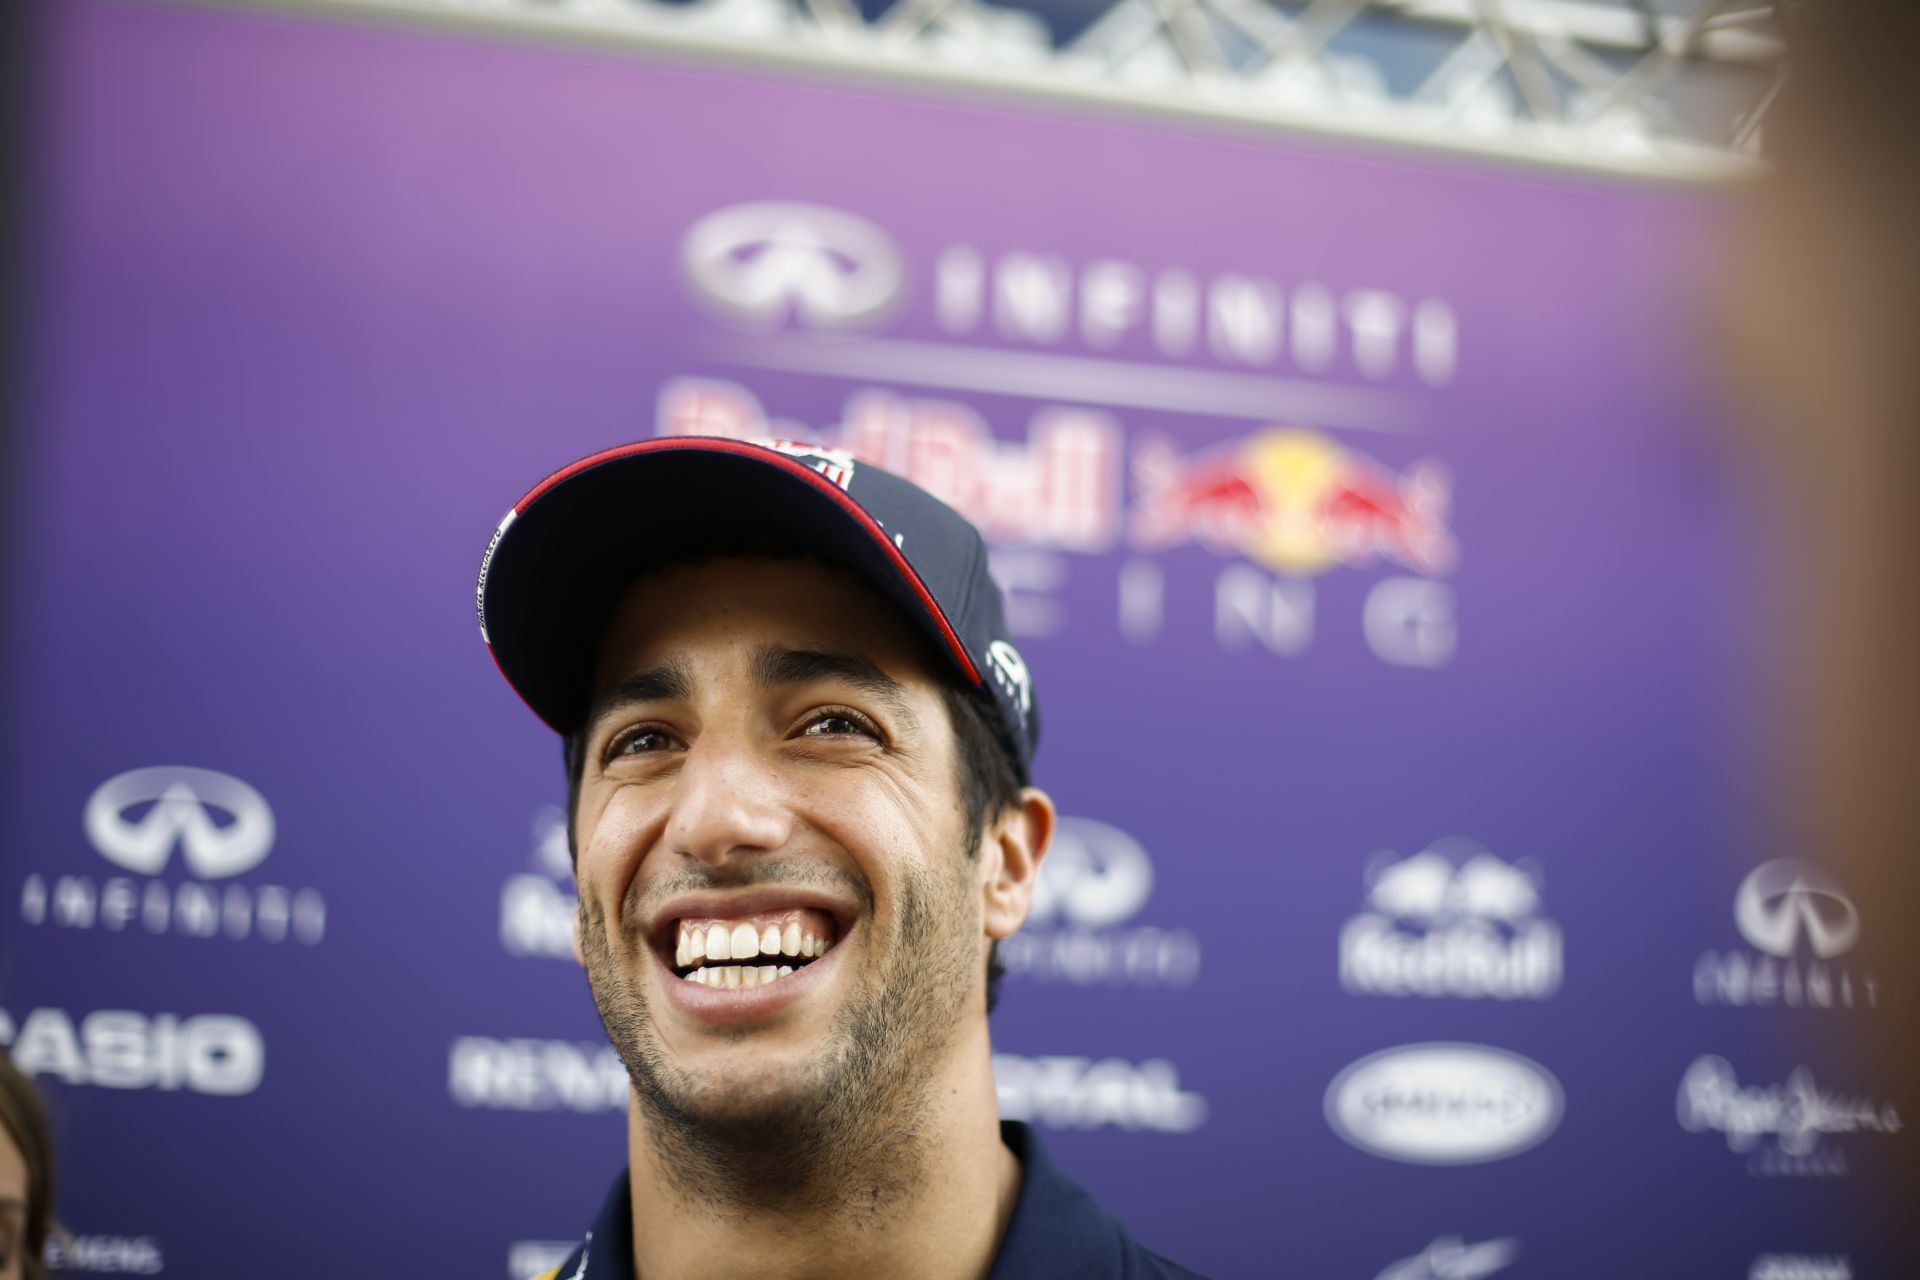 Ricciardo nevetve és mosolyogva szedheti darabokra Vettelt